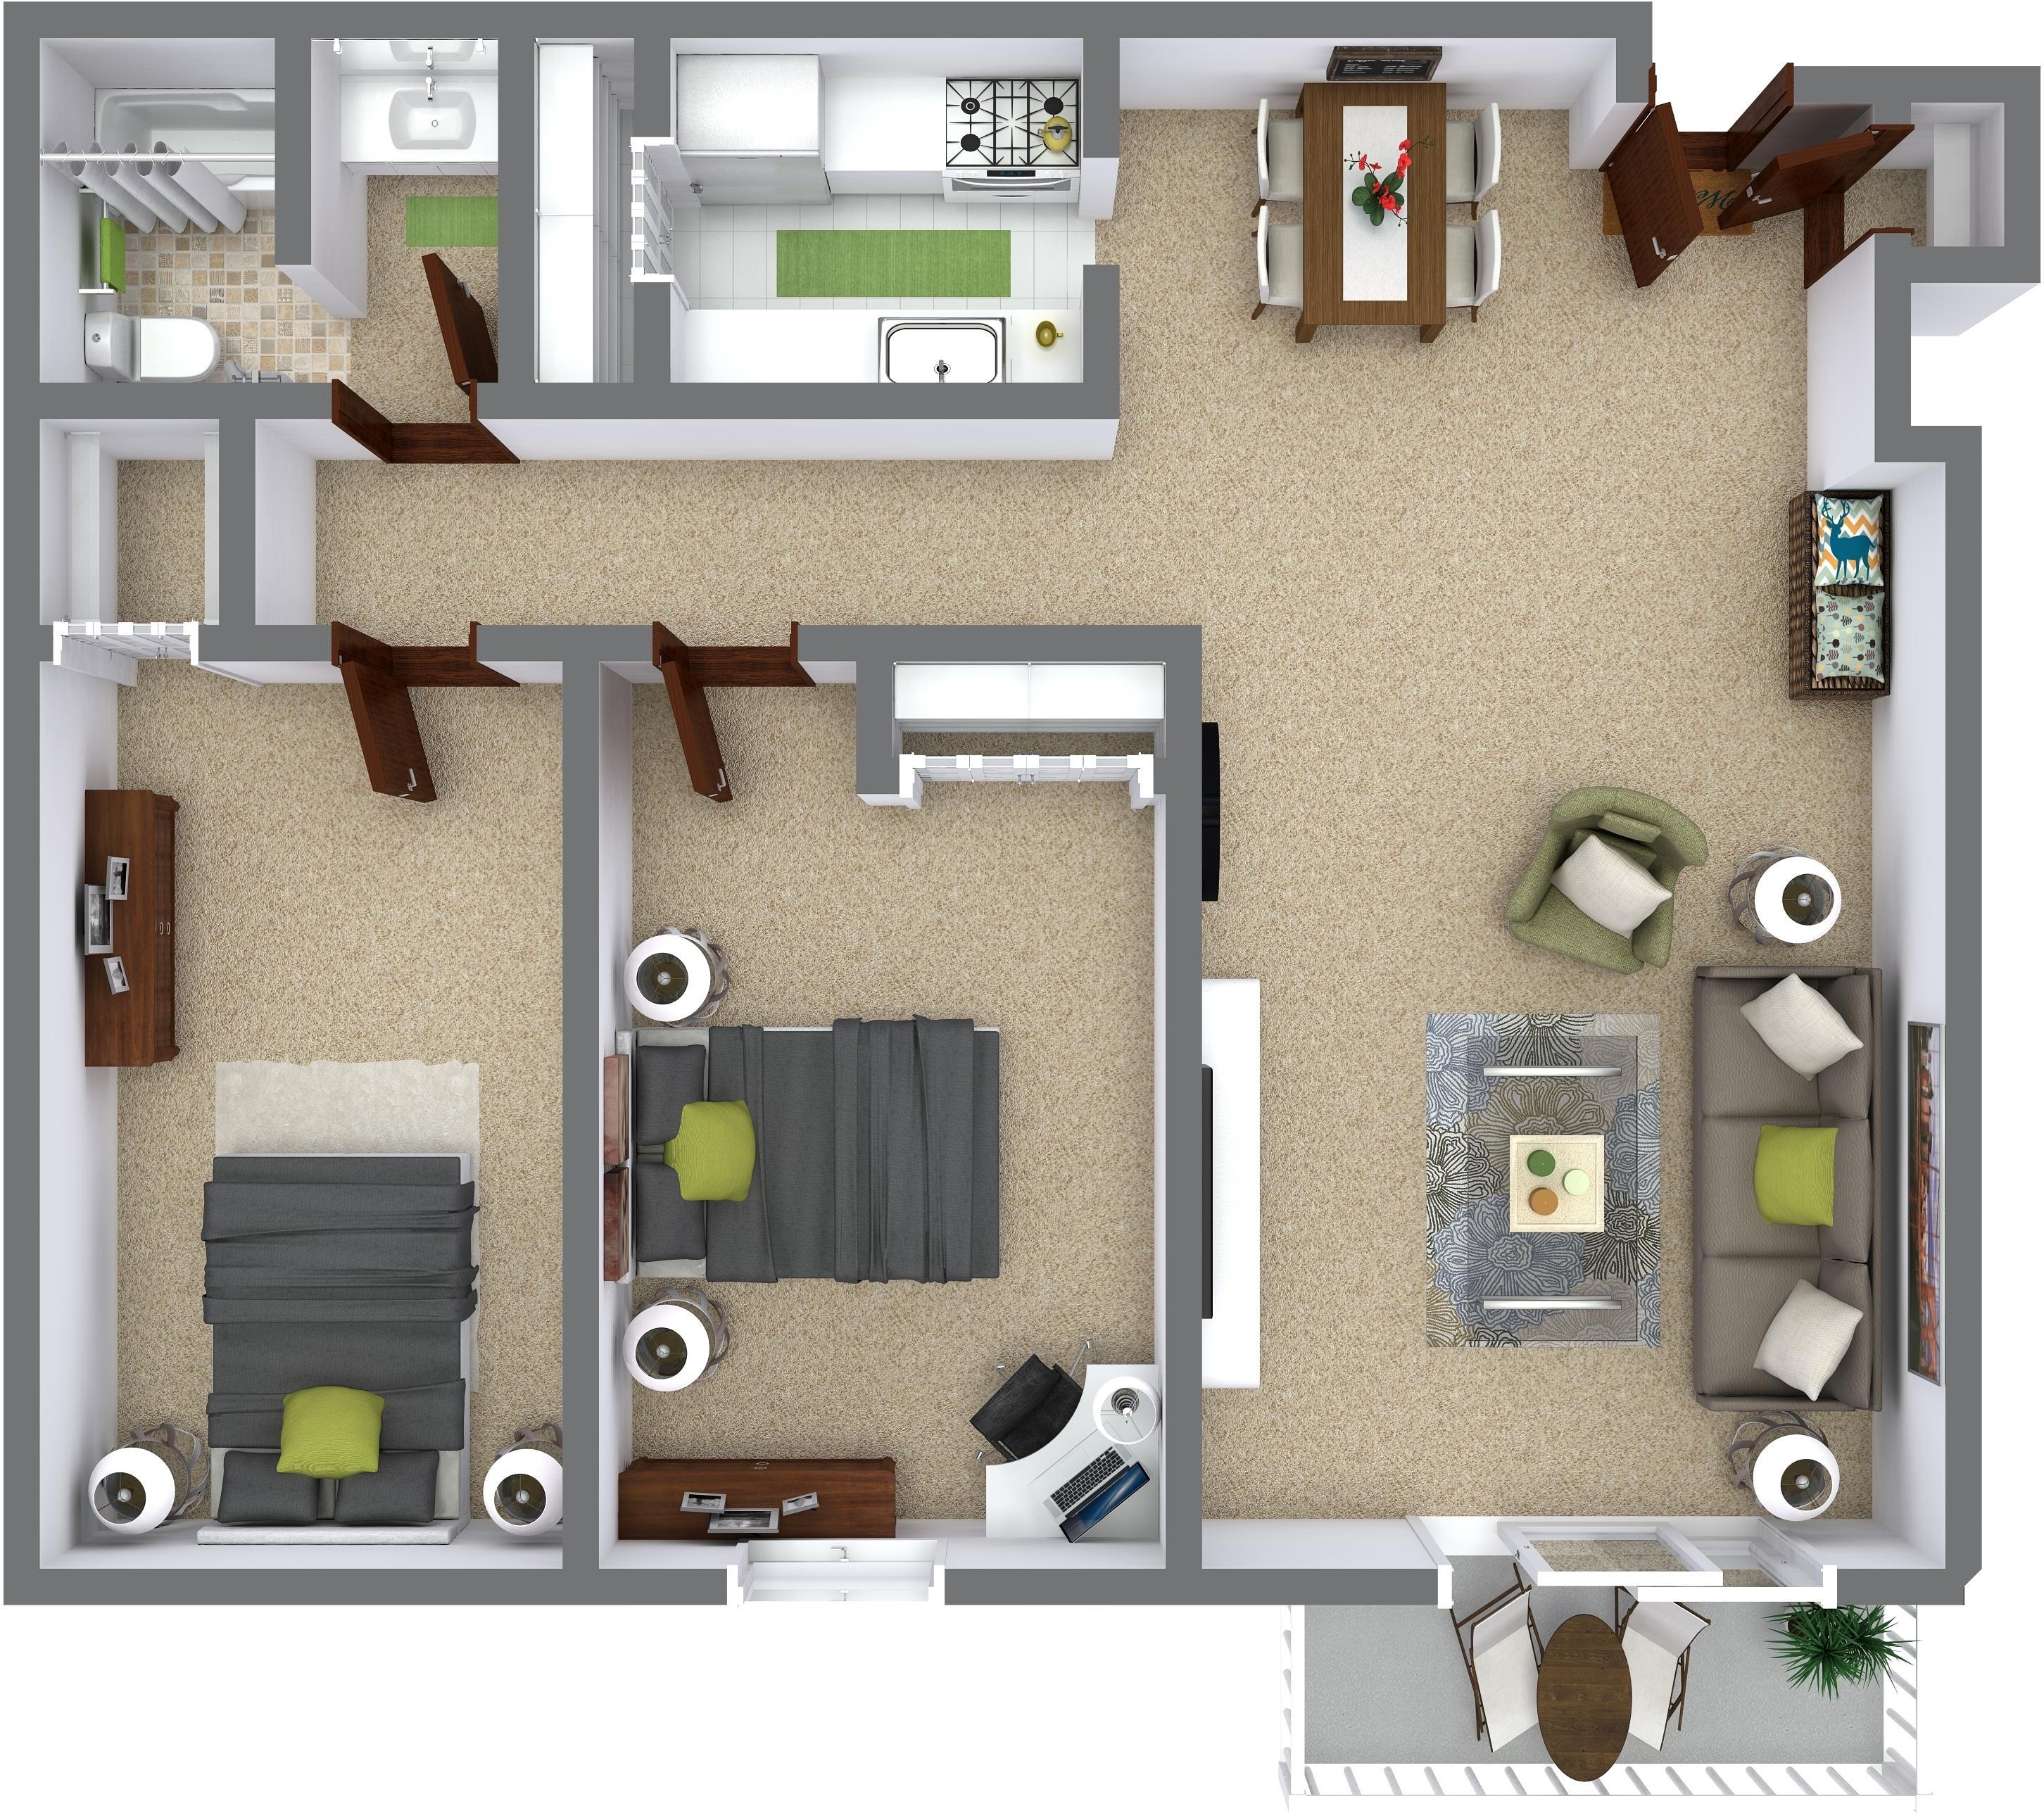 2 Bedrooms - $1130-$1145